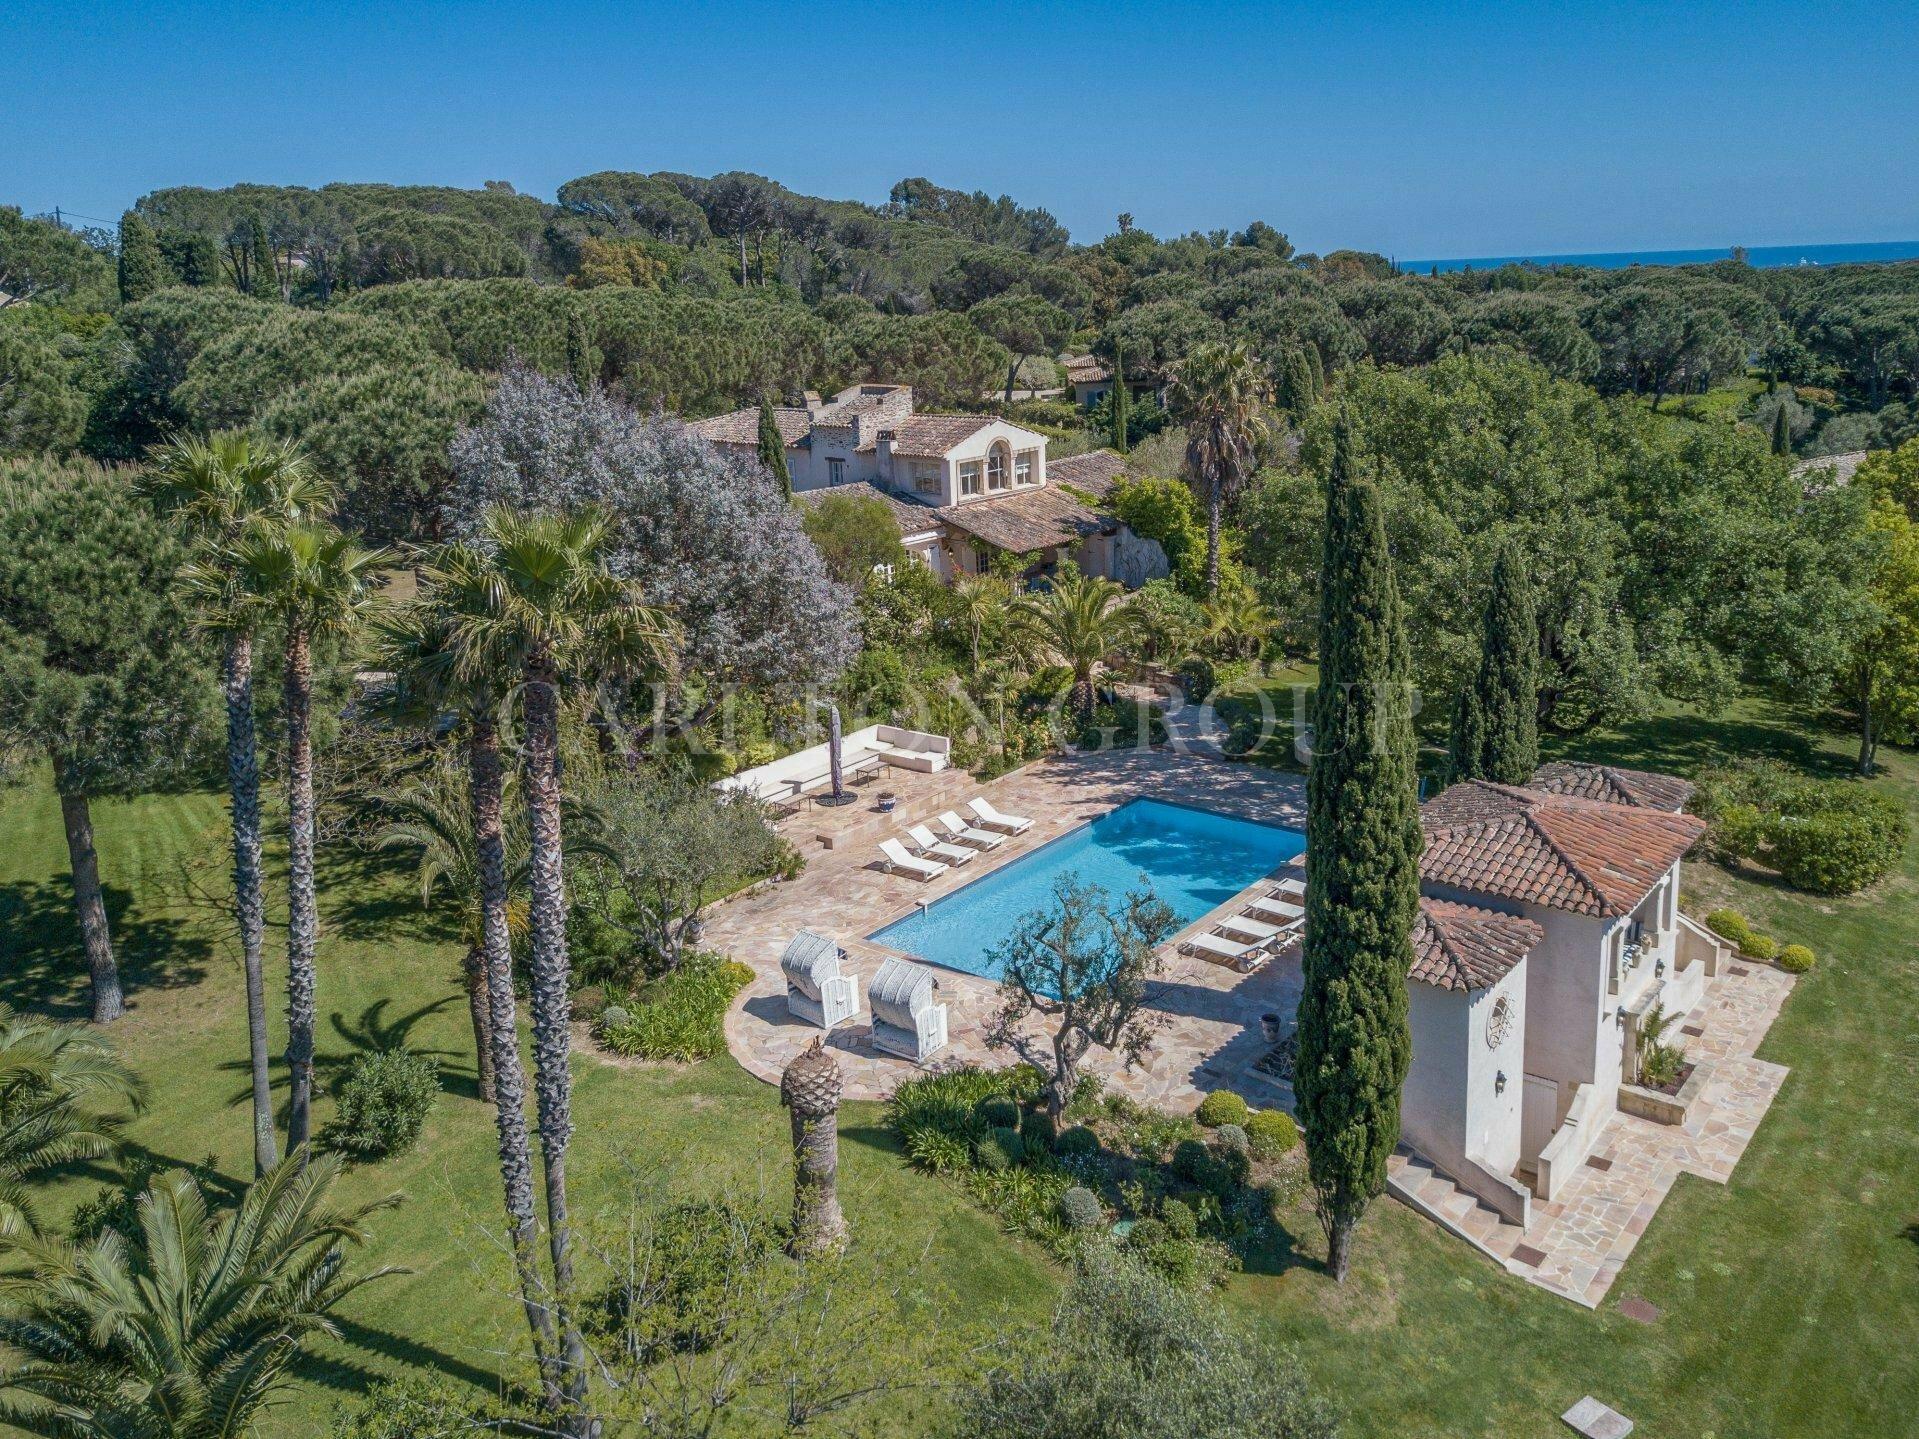 Villa in Saint-Tropez, Provence-Alpes-Côte d'Azur, France 1 - 11529652